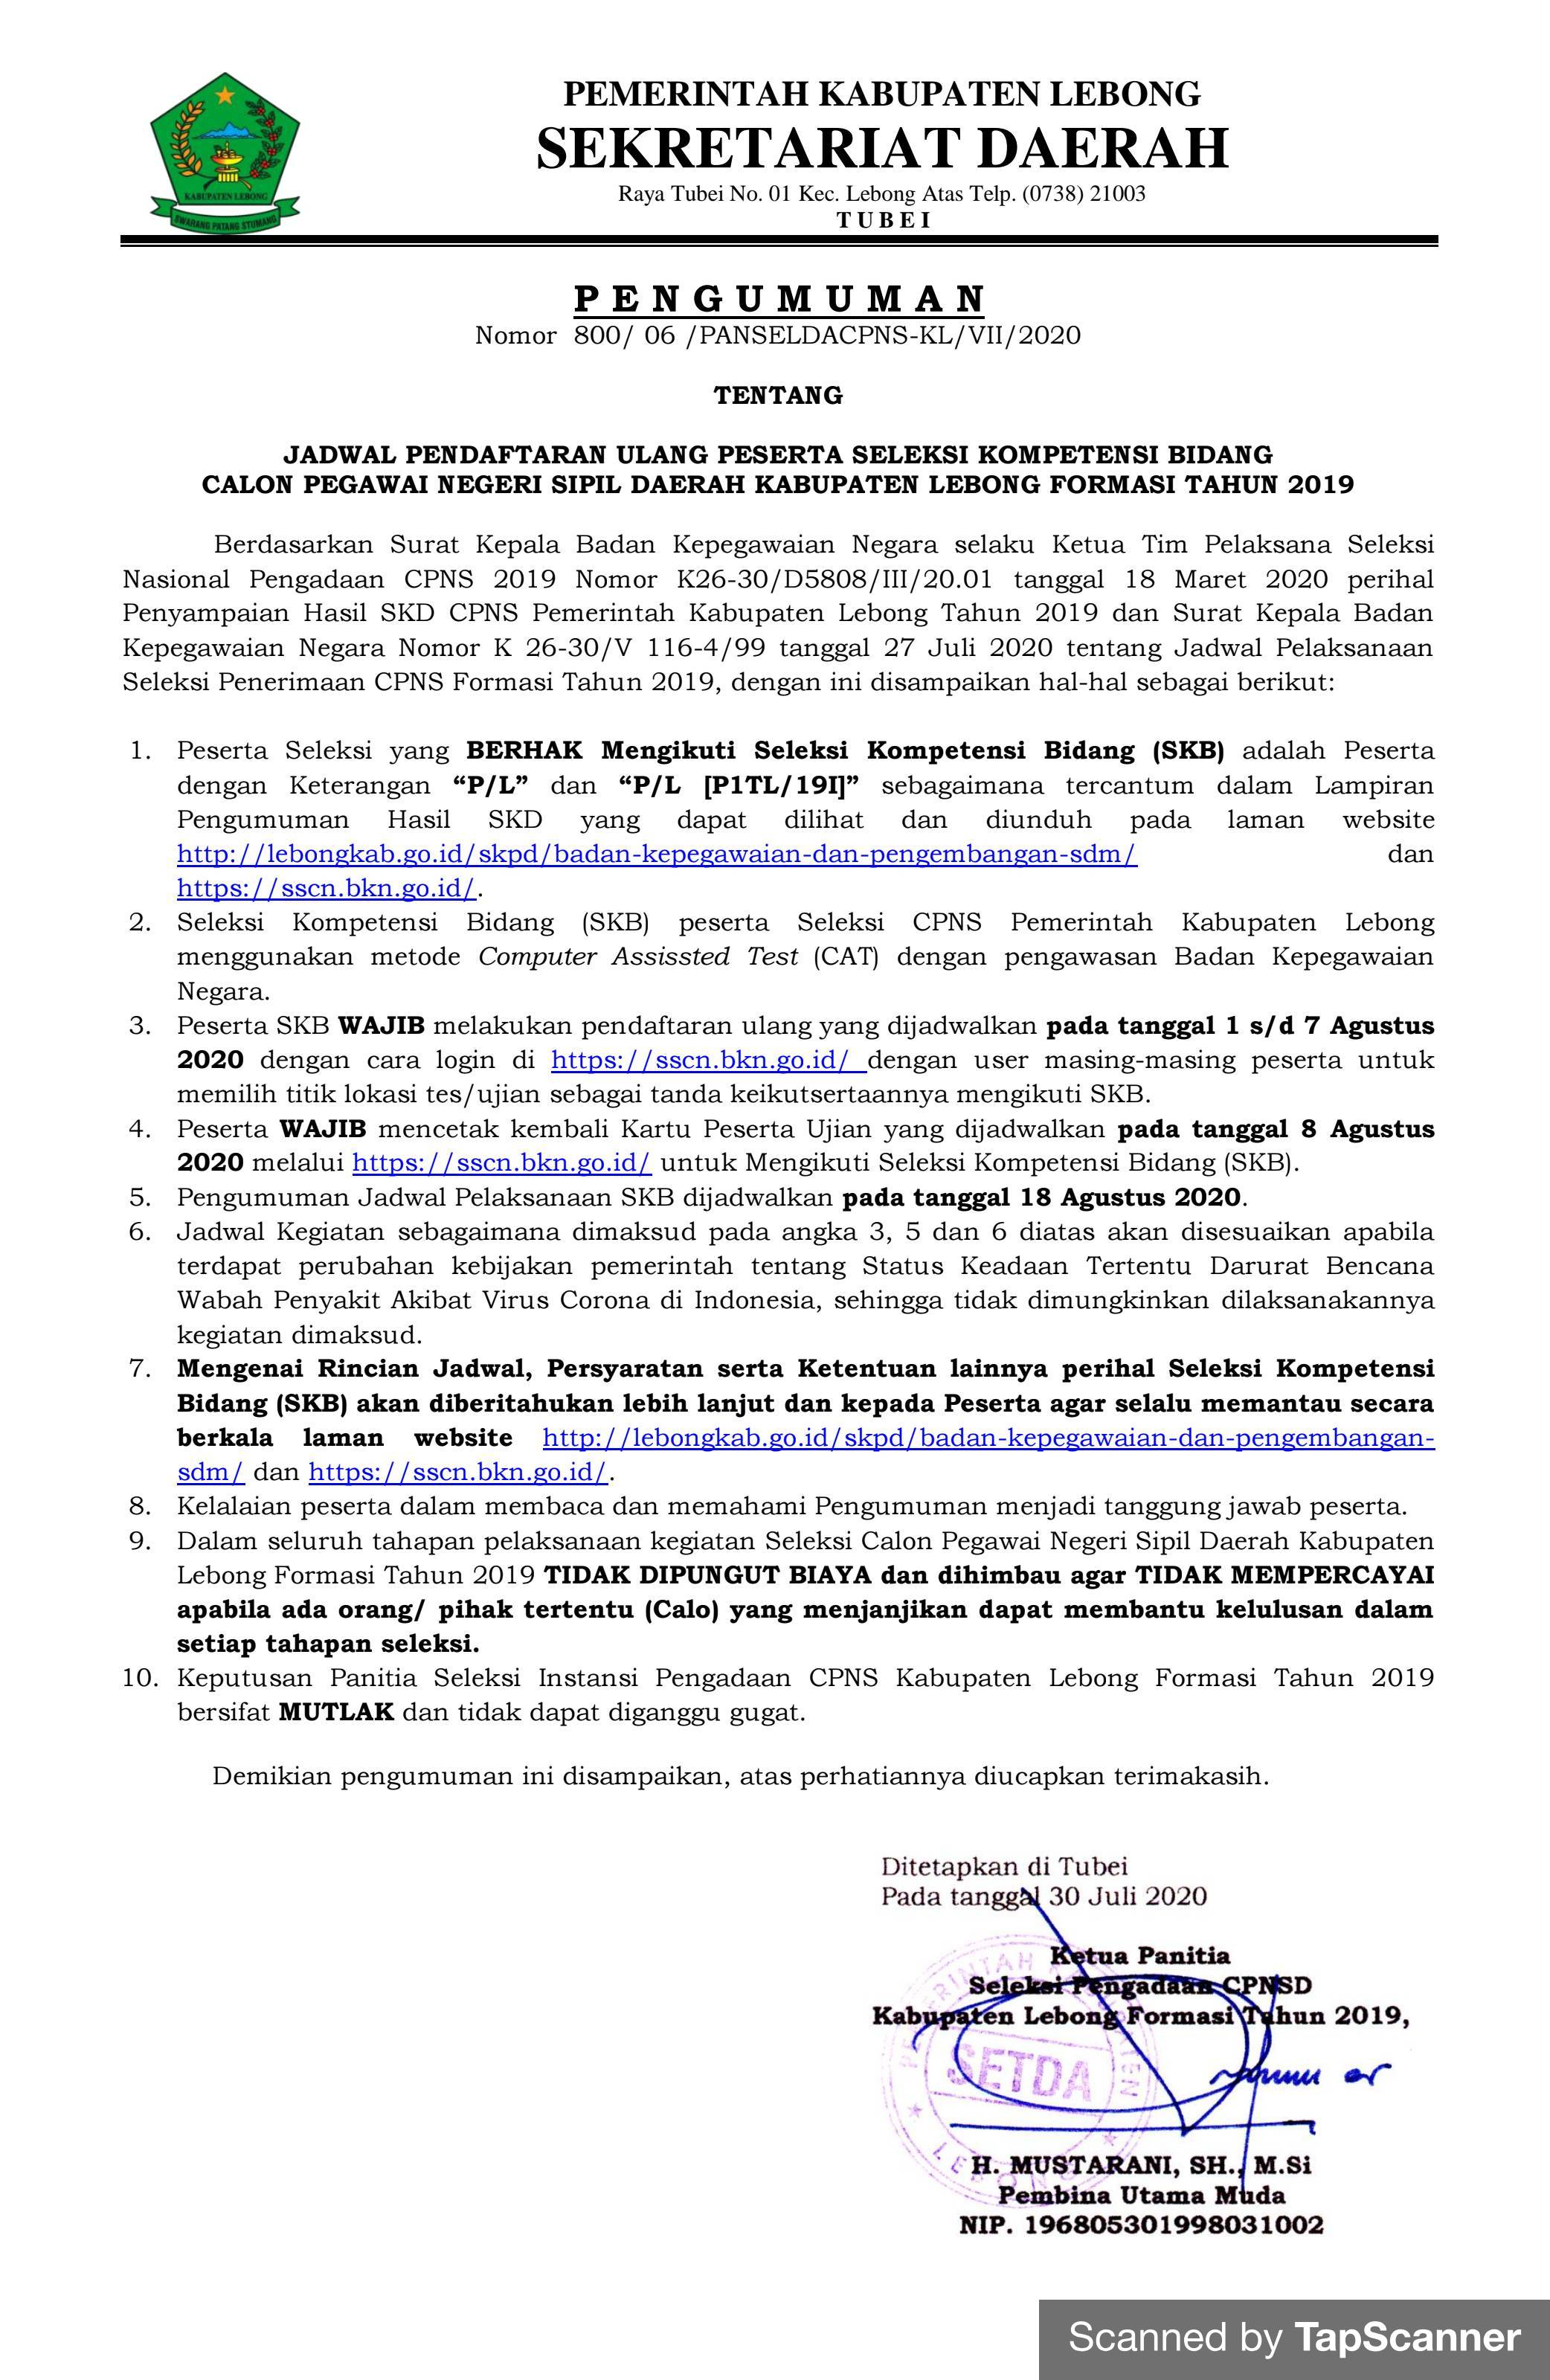 Jadwal Pendaftaran Ulang Peserta SKB CPNSD Kab. Lebong Formasi 2019